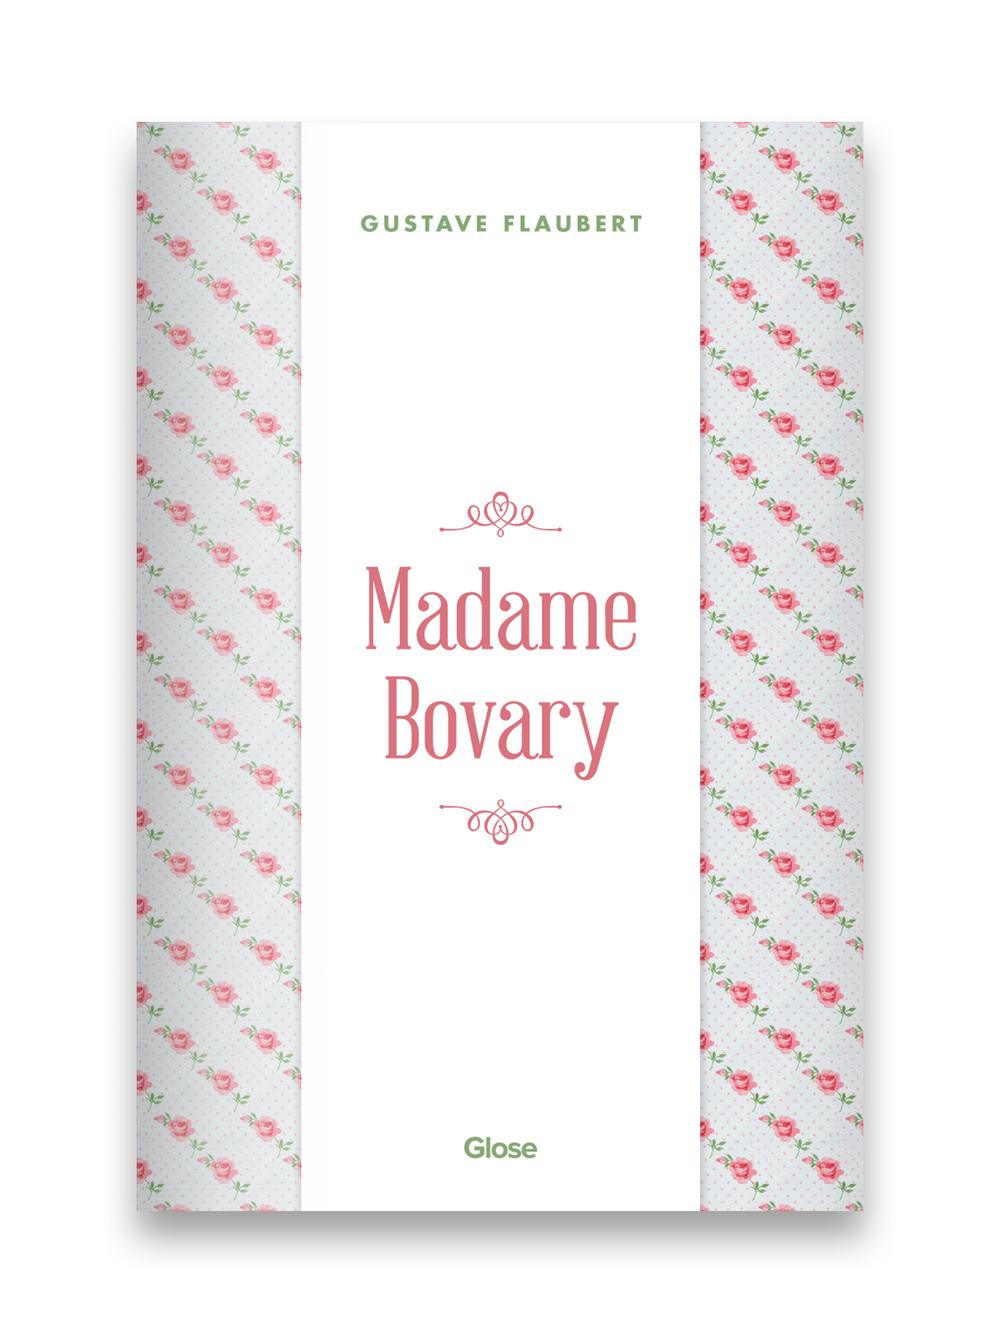 MadameBovary.jpg